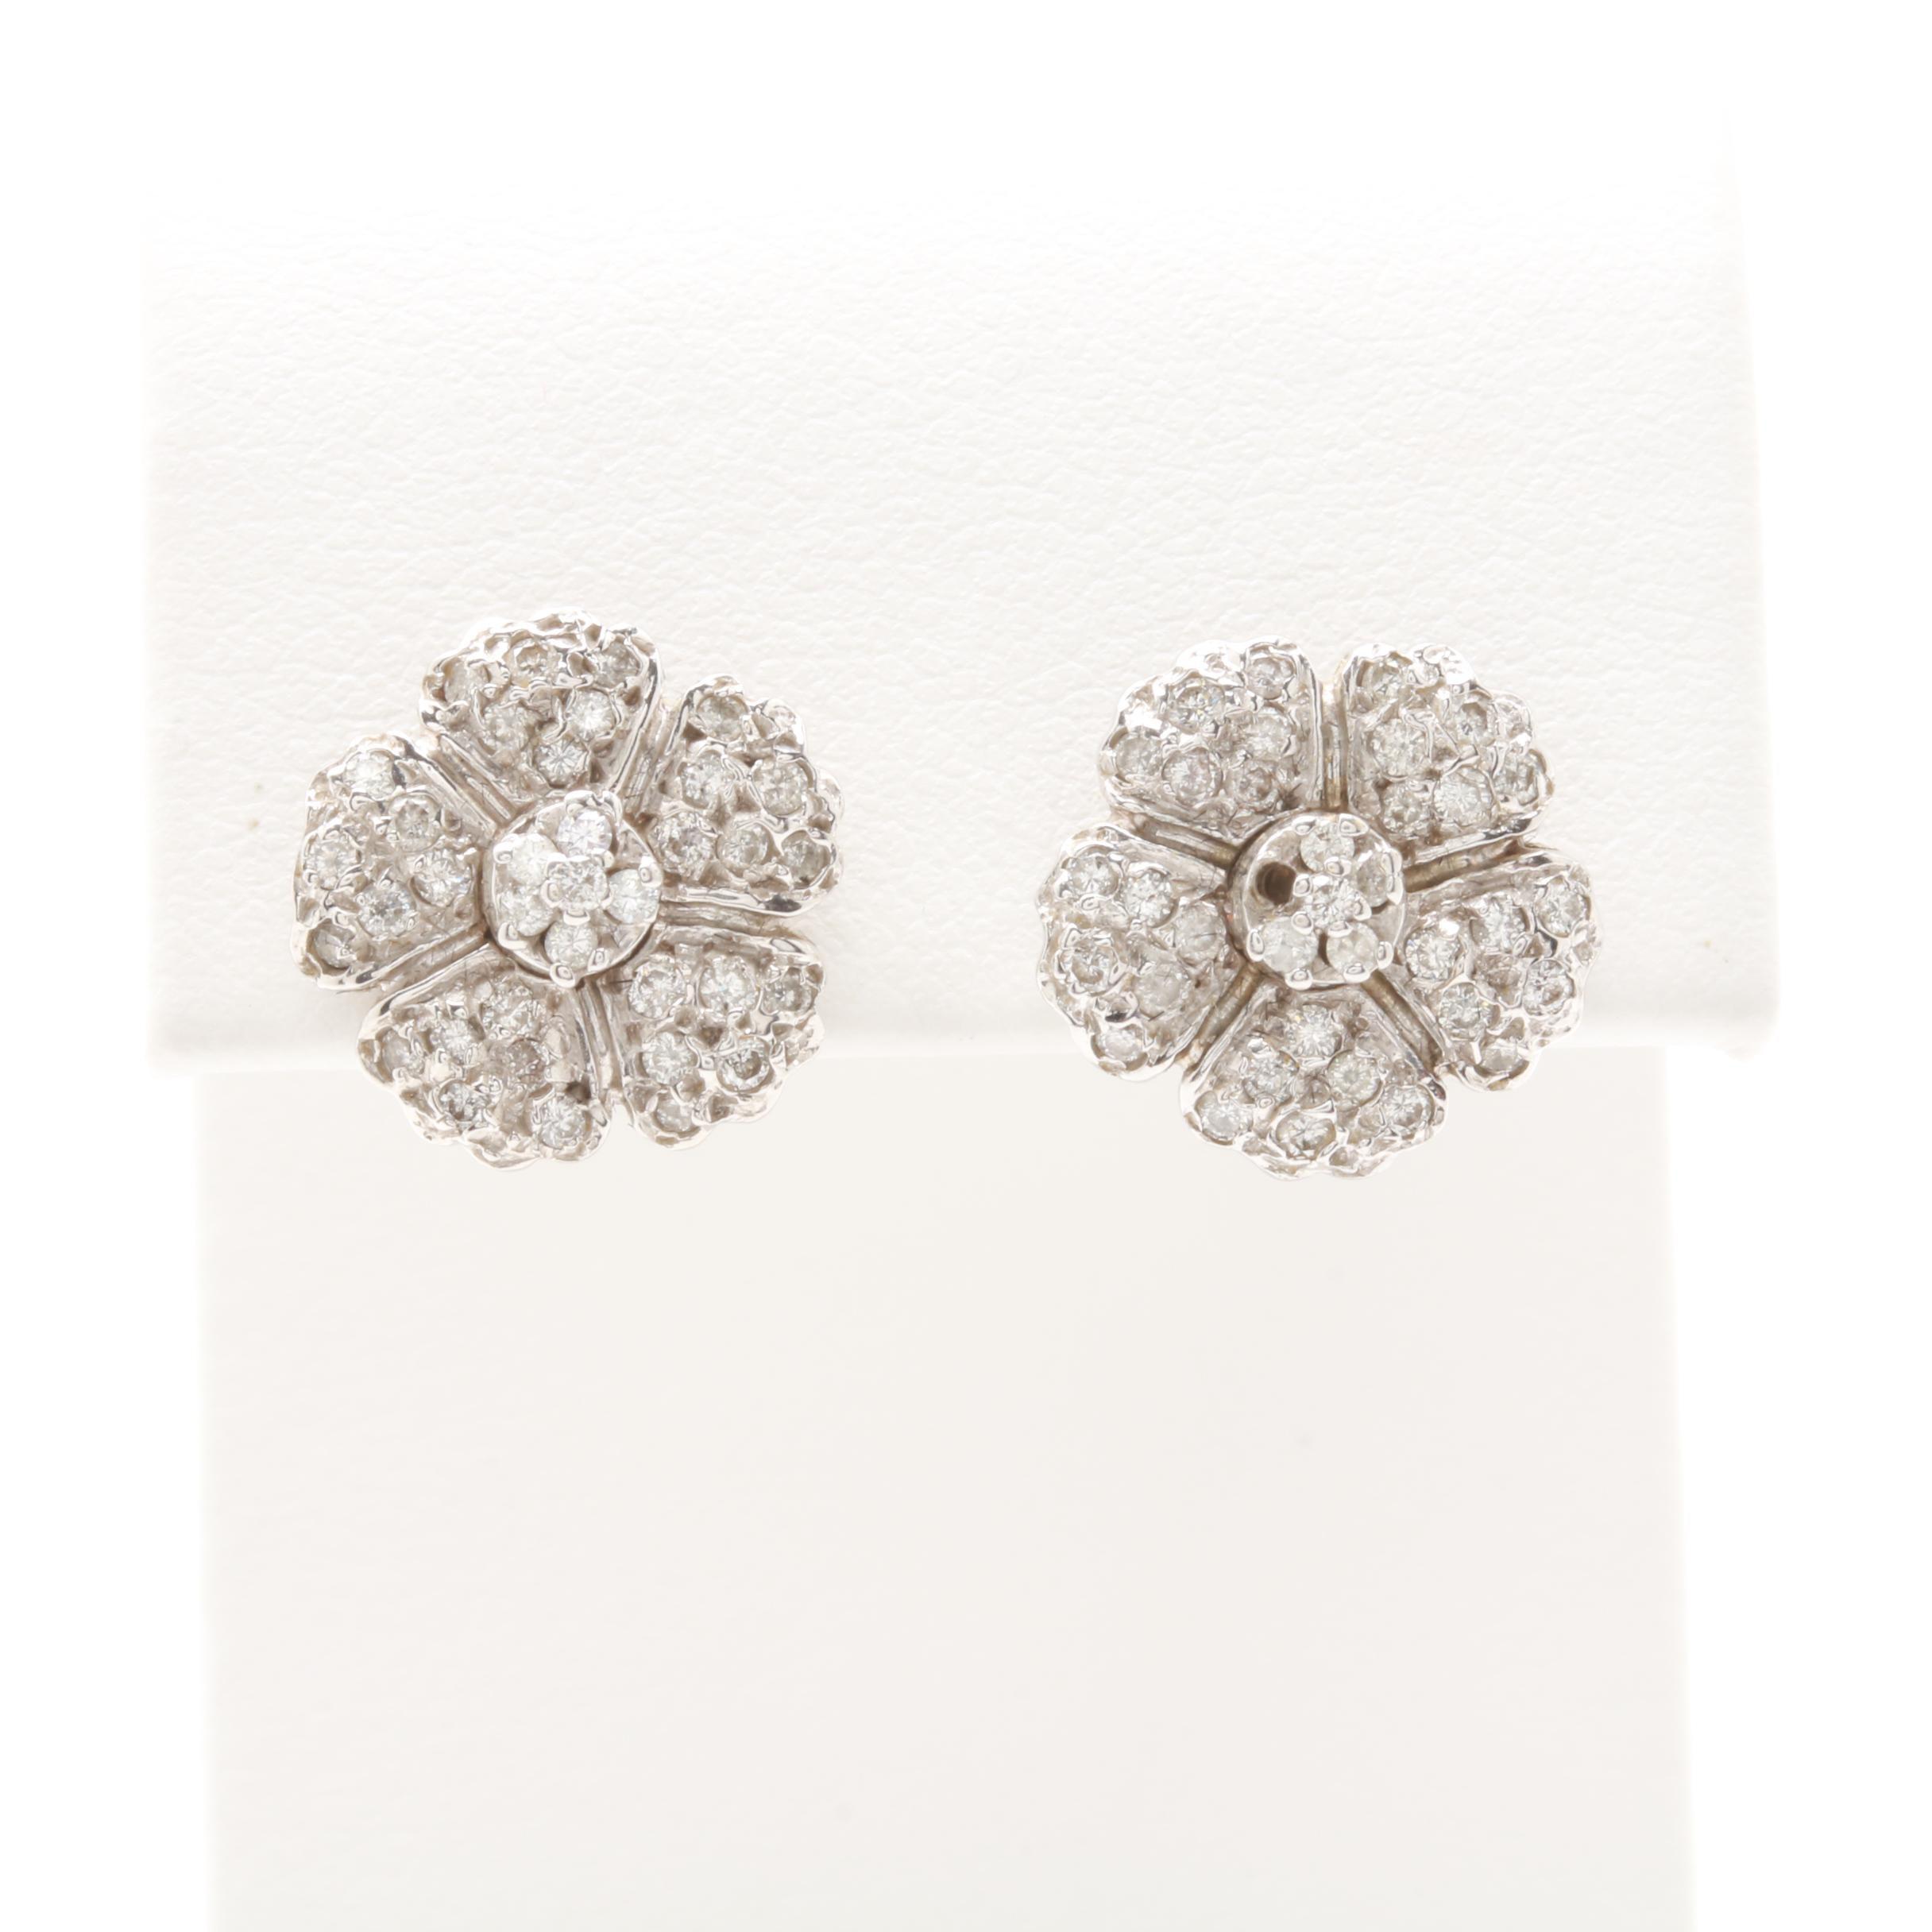 14K White Gold Diamond Flower Earrings